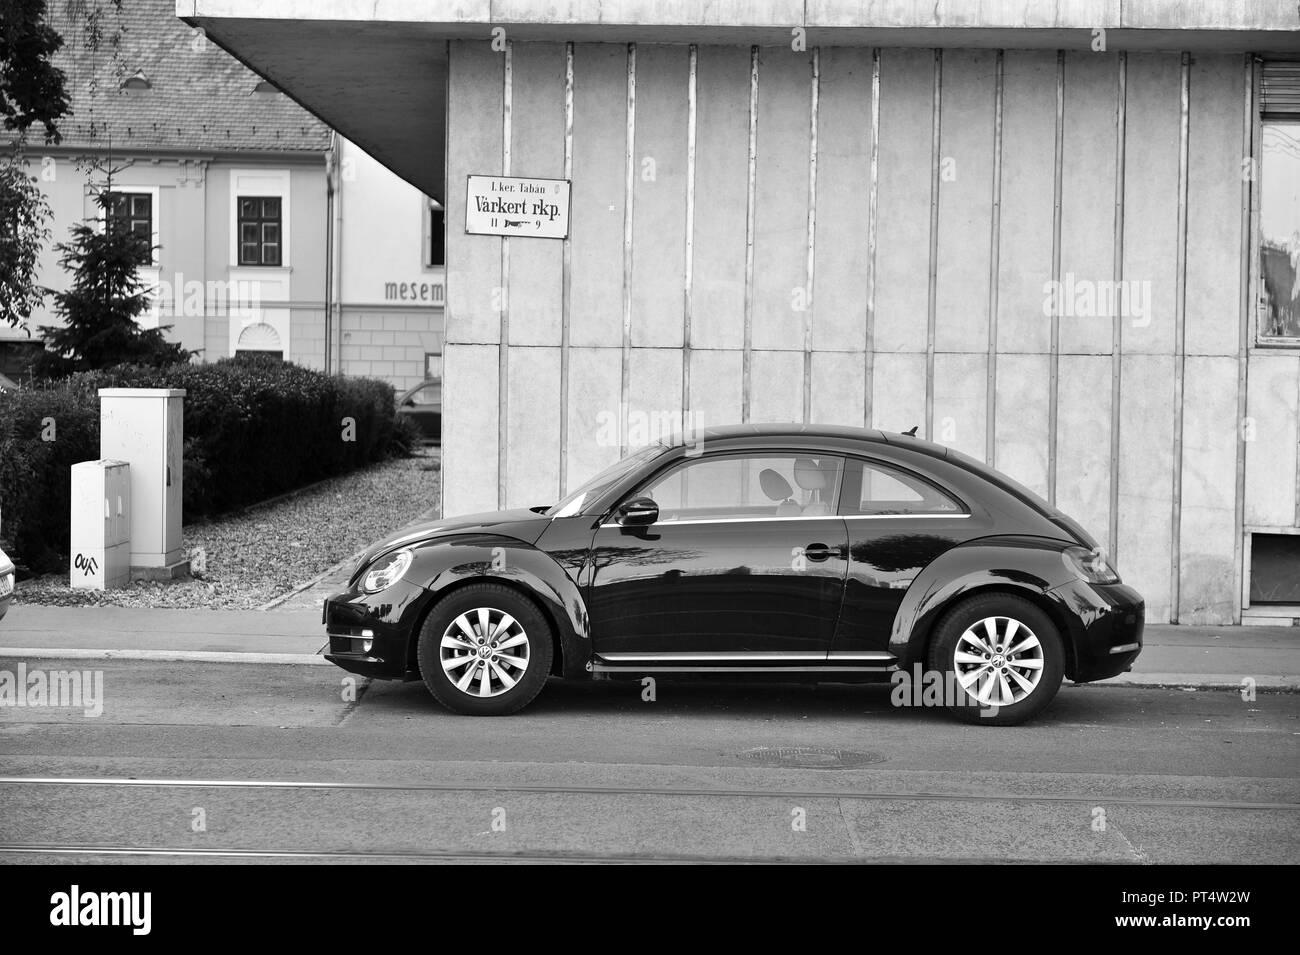 BUDAPEST, HUNGARY - 22 SEPTEMBER: VW New Beetle in the street of Budapest on September 22, 2018. - Stock Image